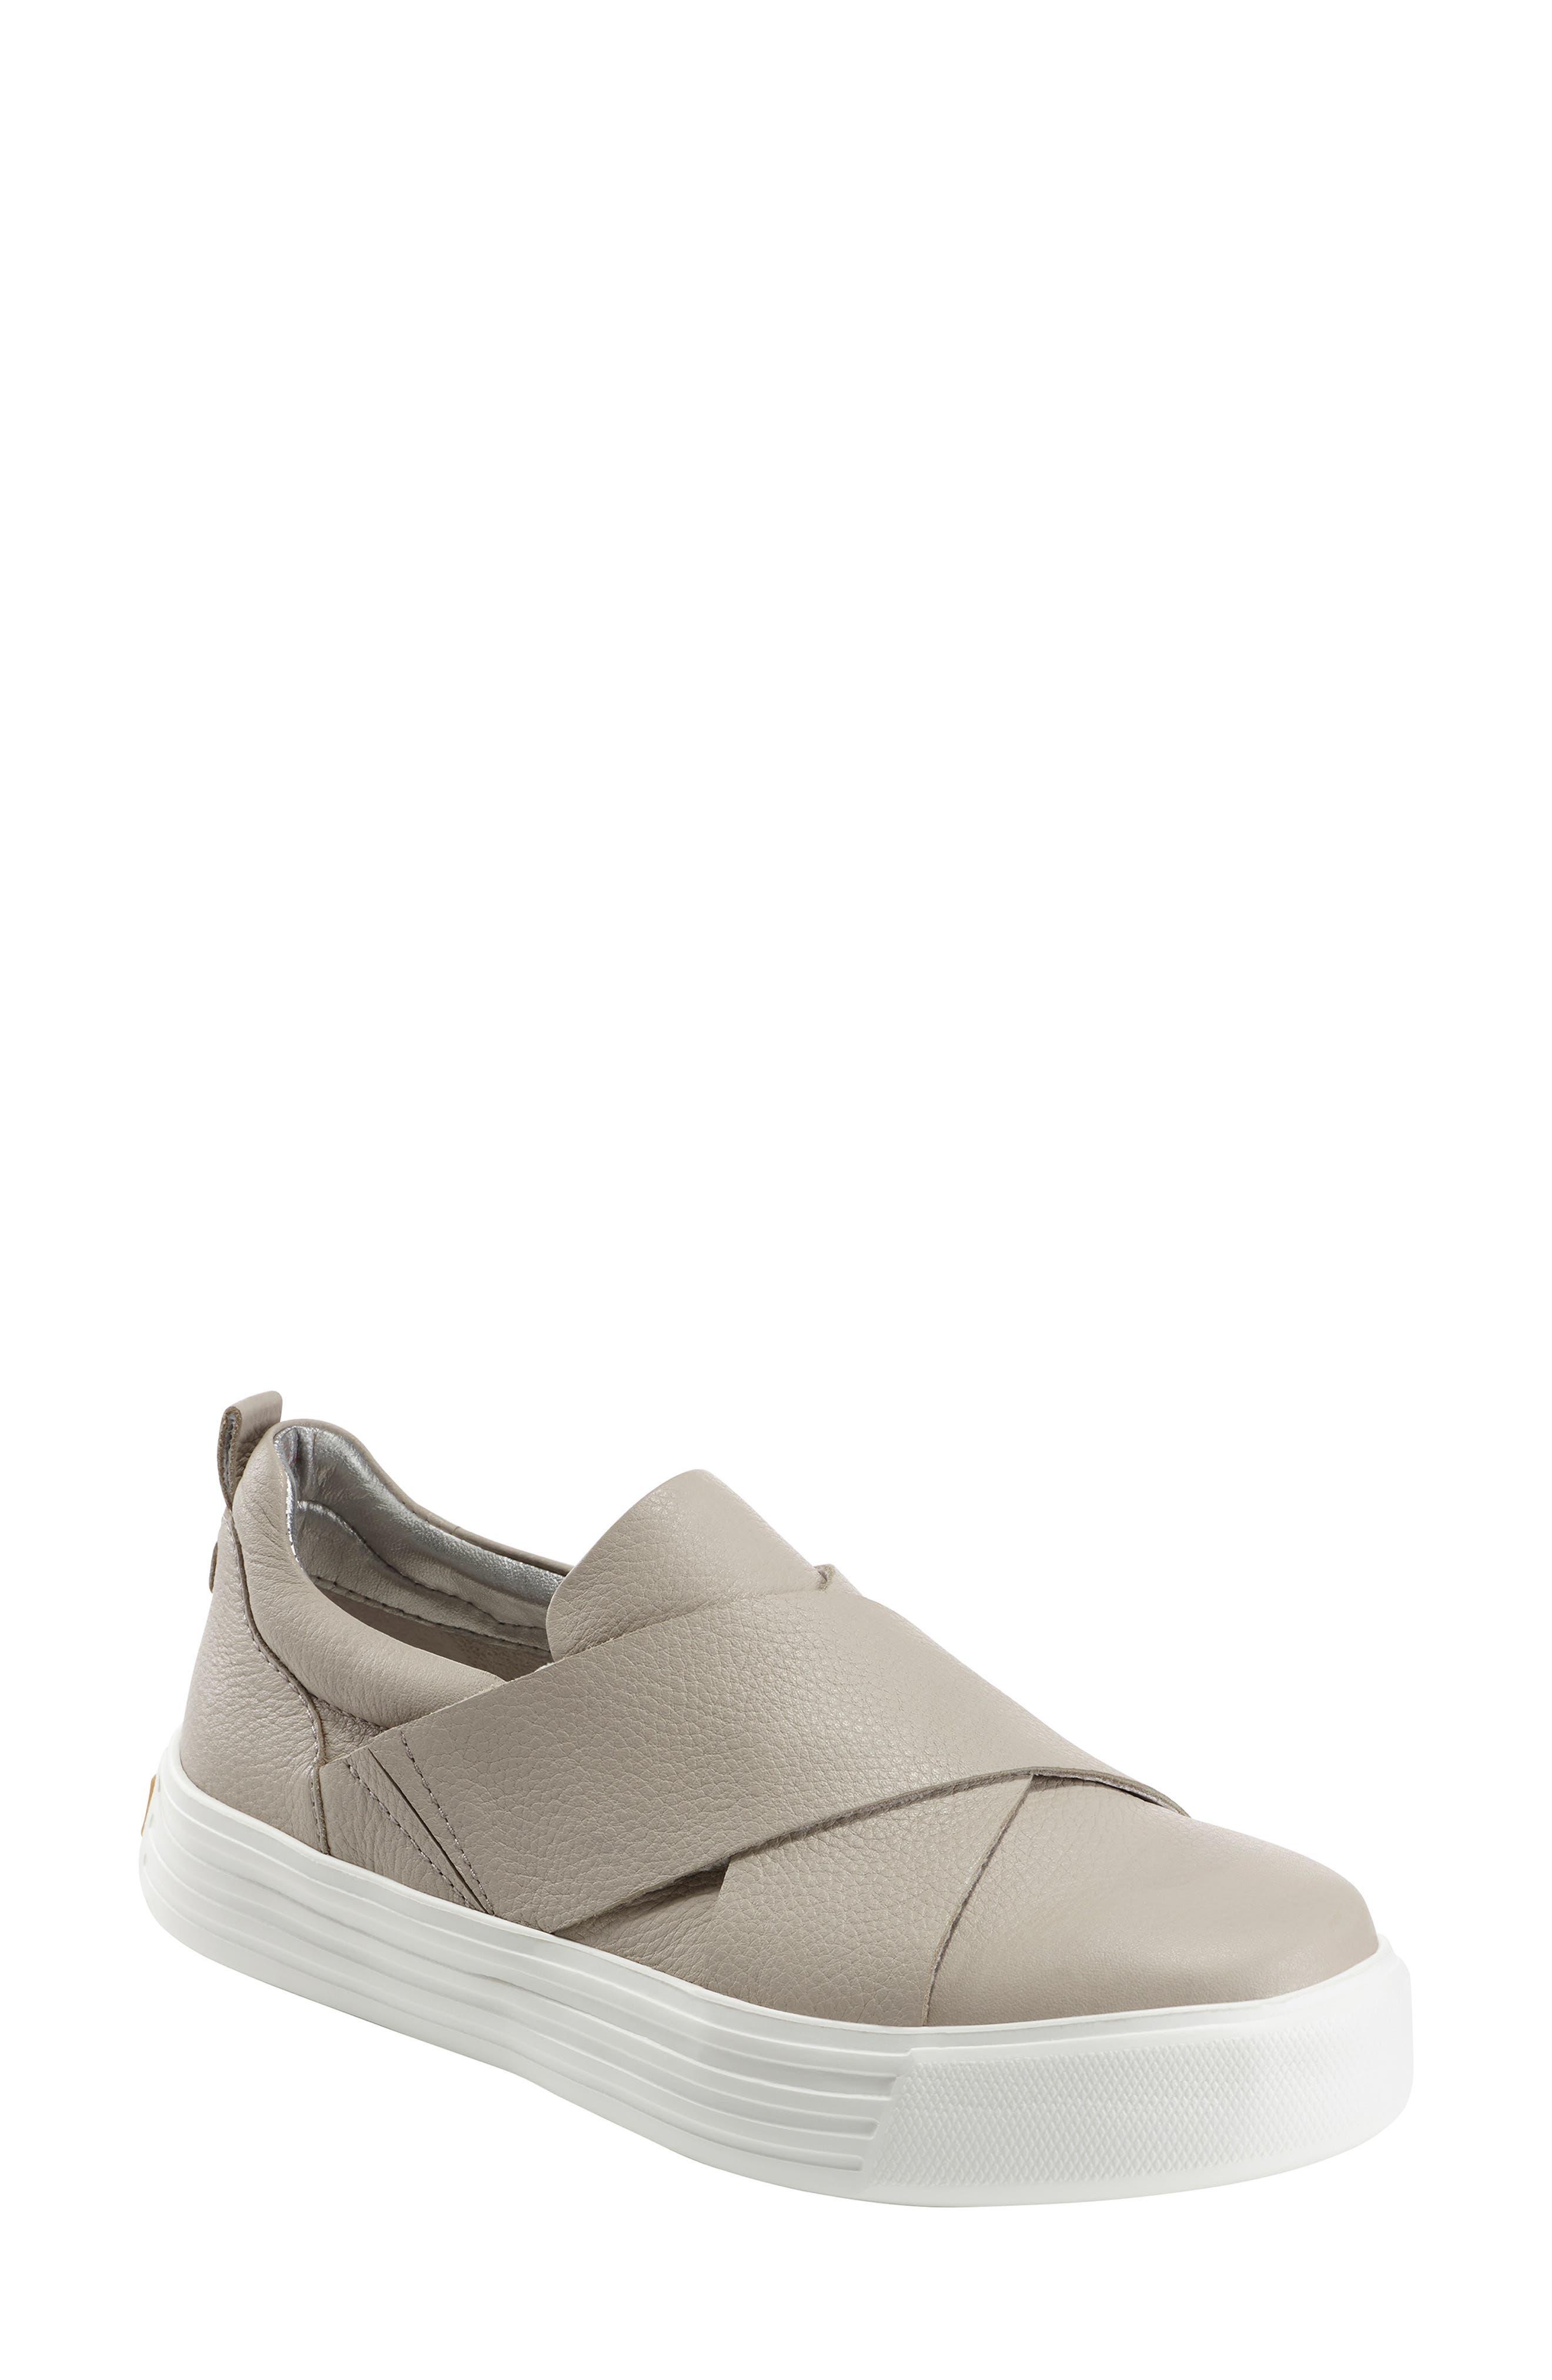 Earth Clary Sneaker- Grey